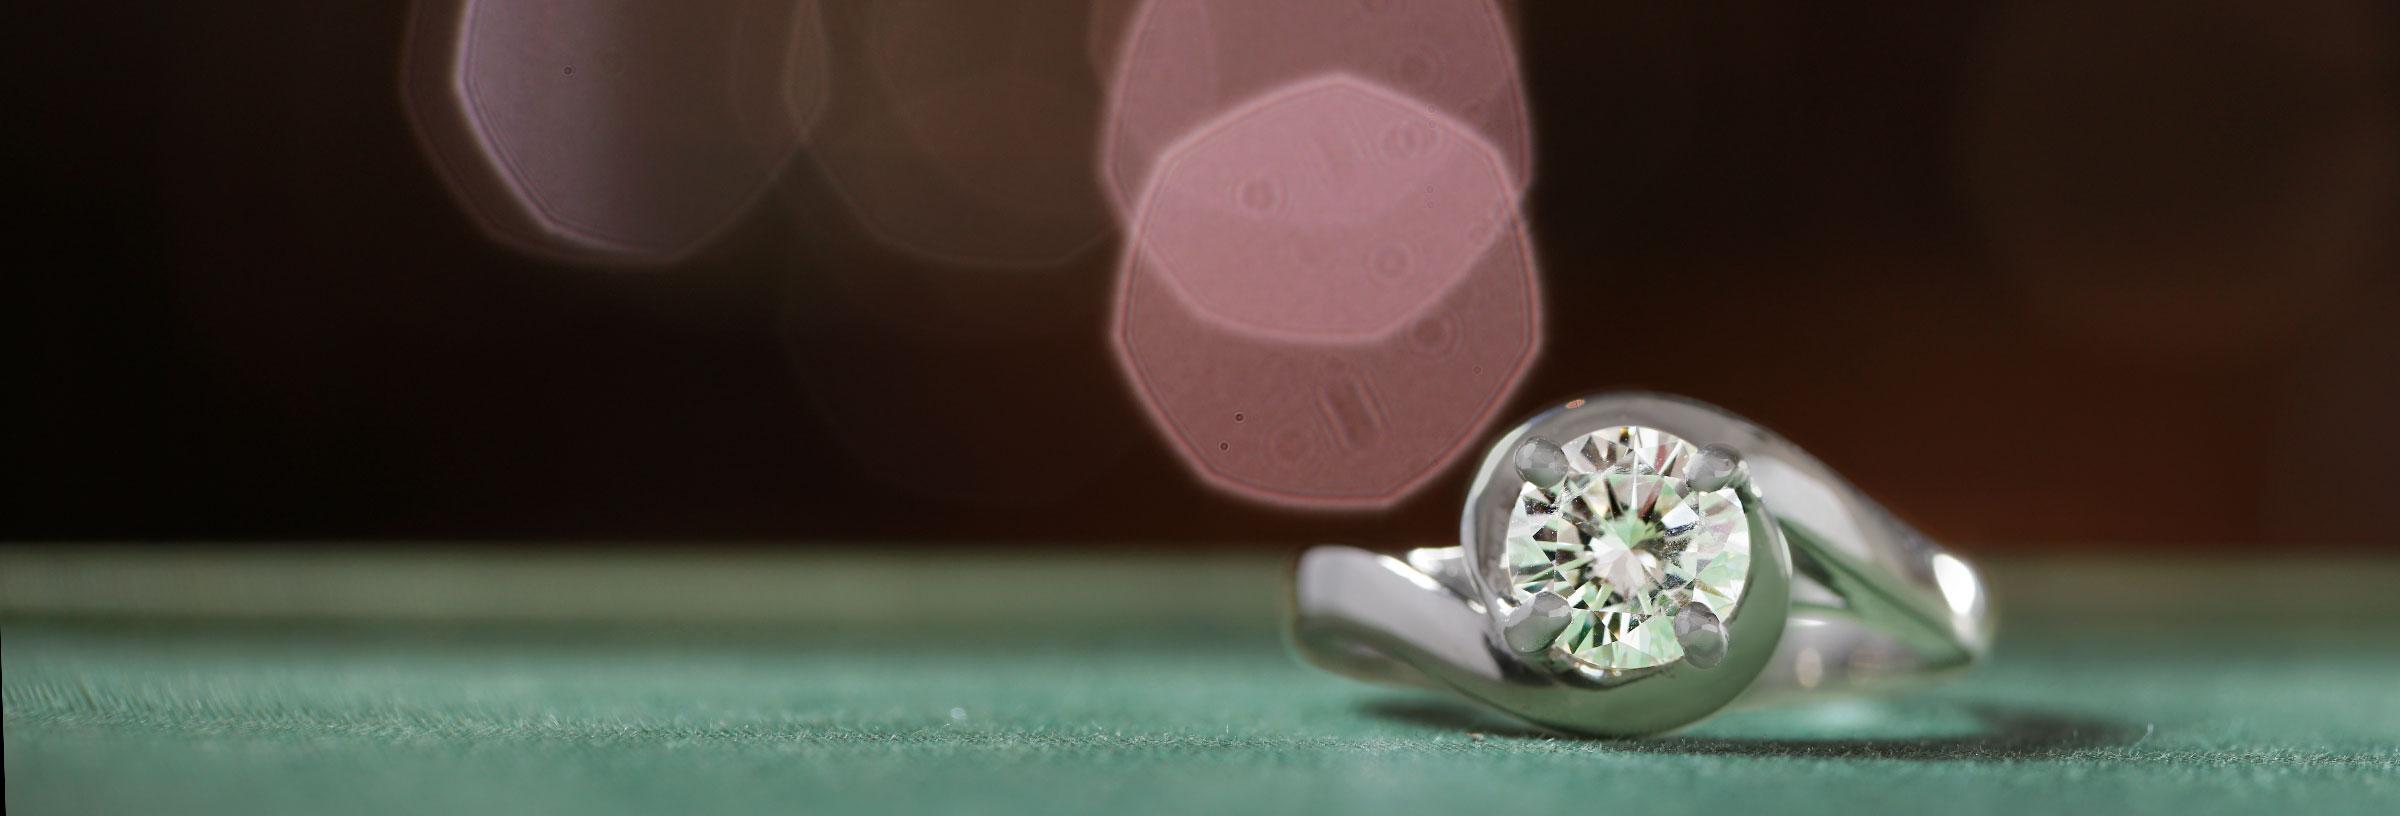 platinum-solitaire-engagement-ring-in-twist-design